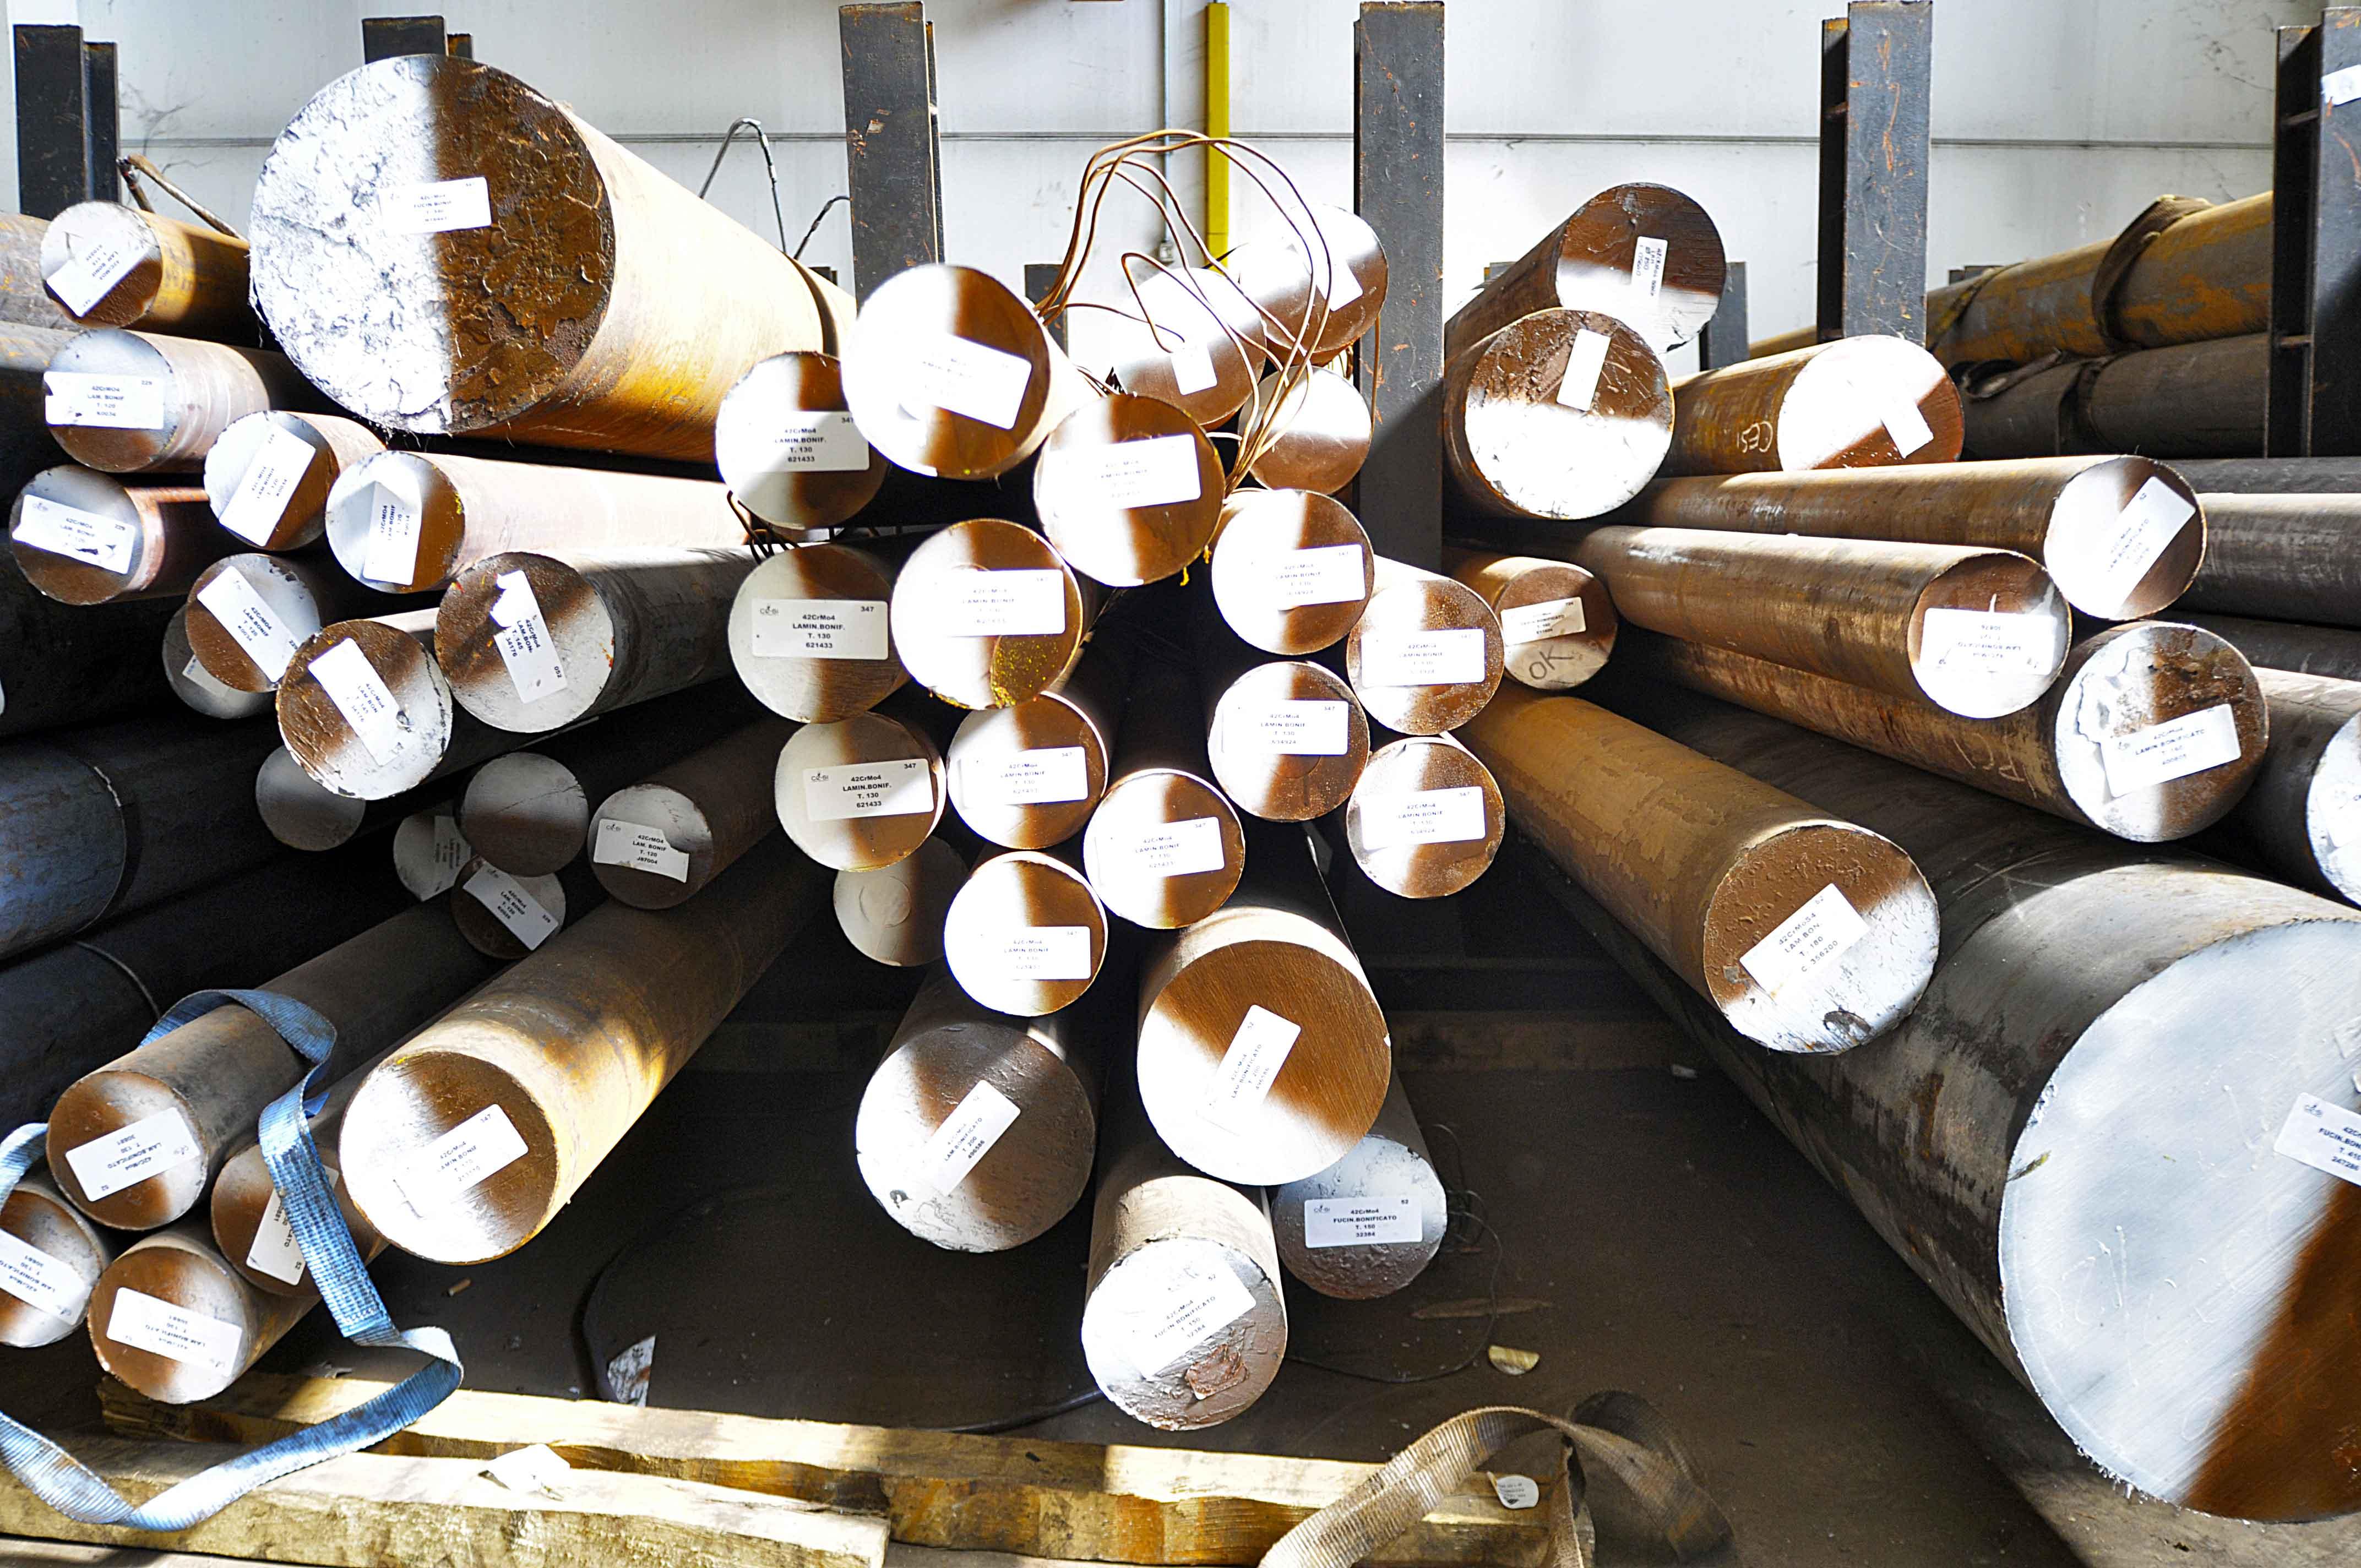 tagli-acciai-interno-centro-siderurgico-4